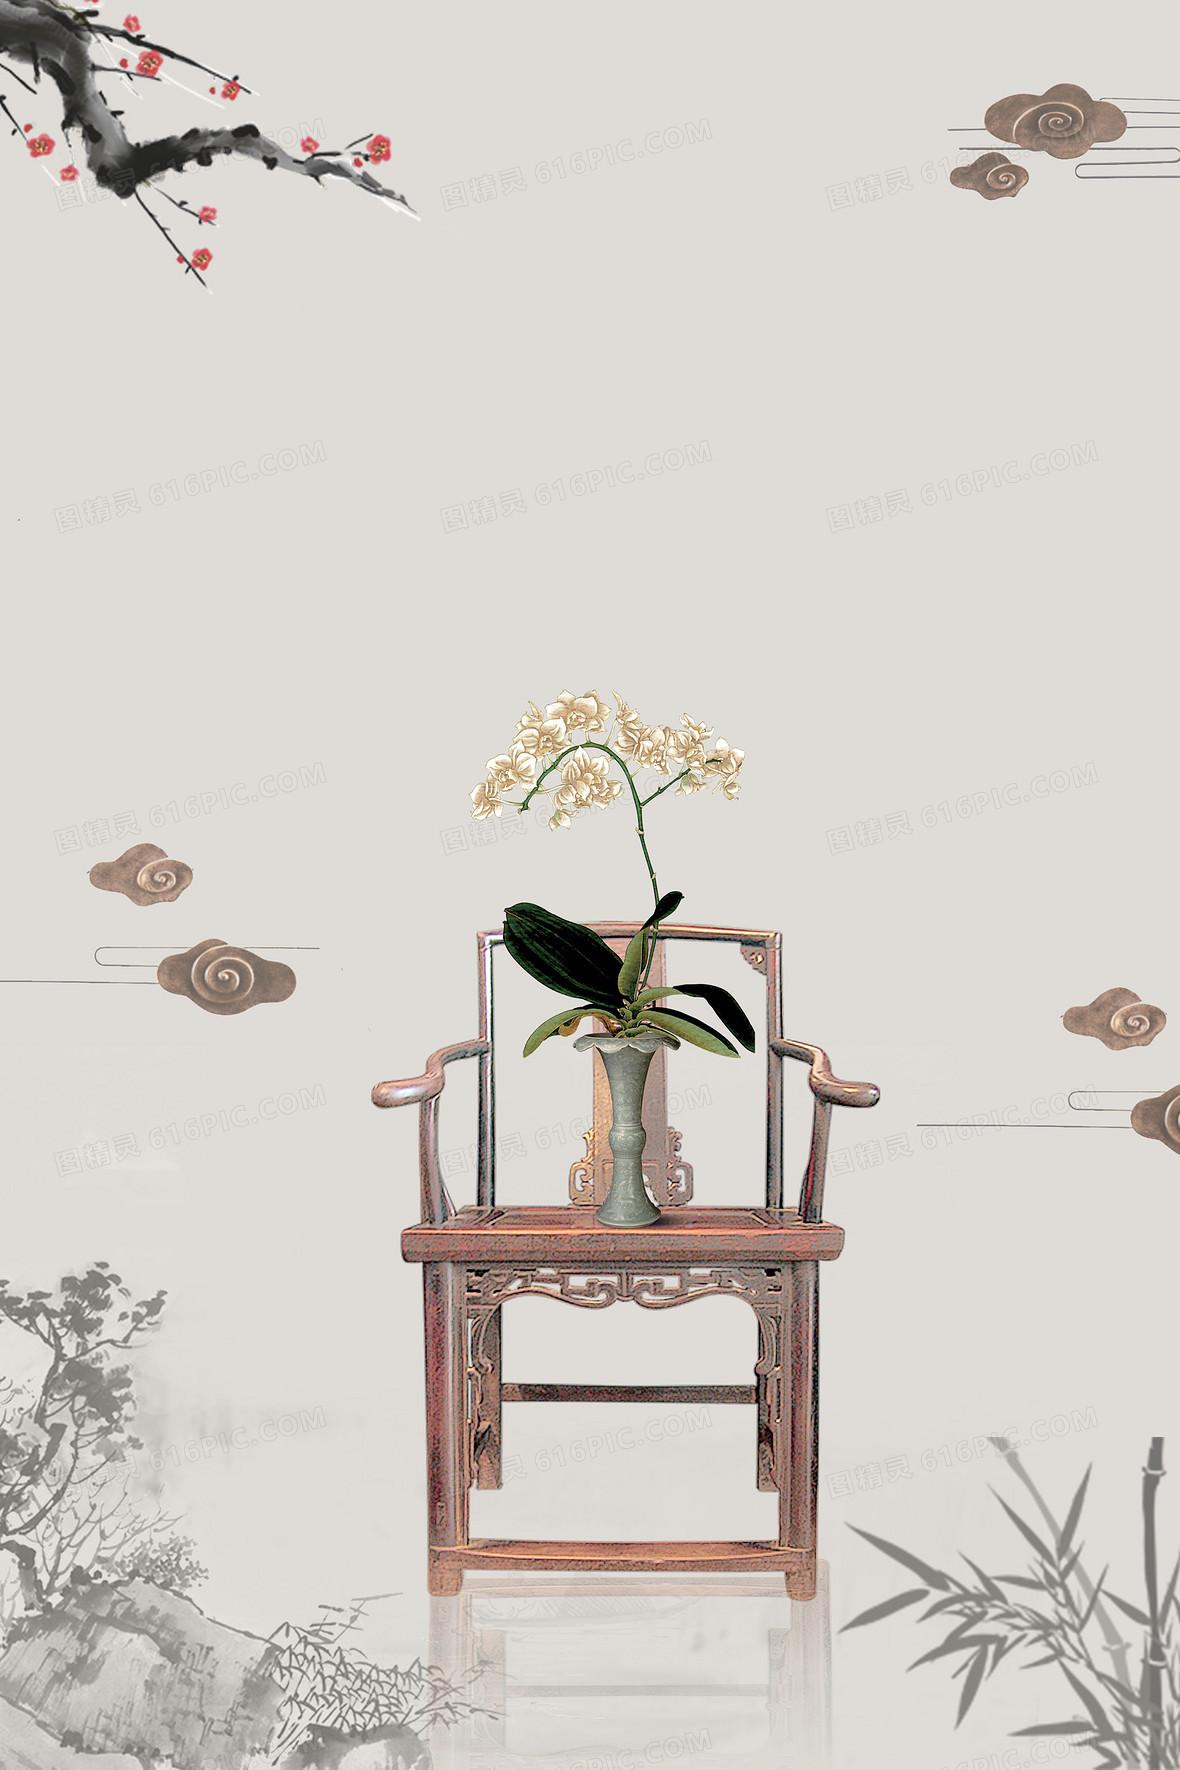 中国风简约古典家具广告海报背景素材